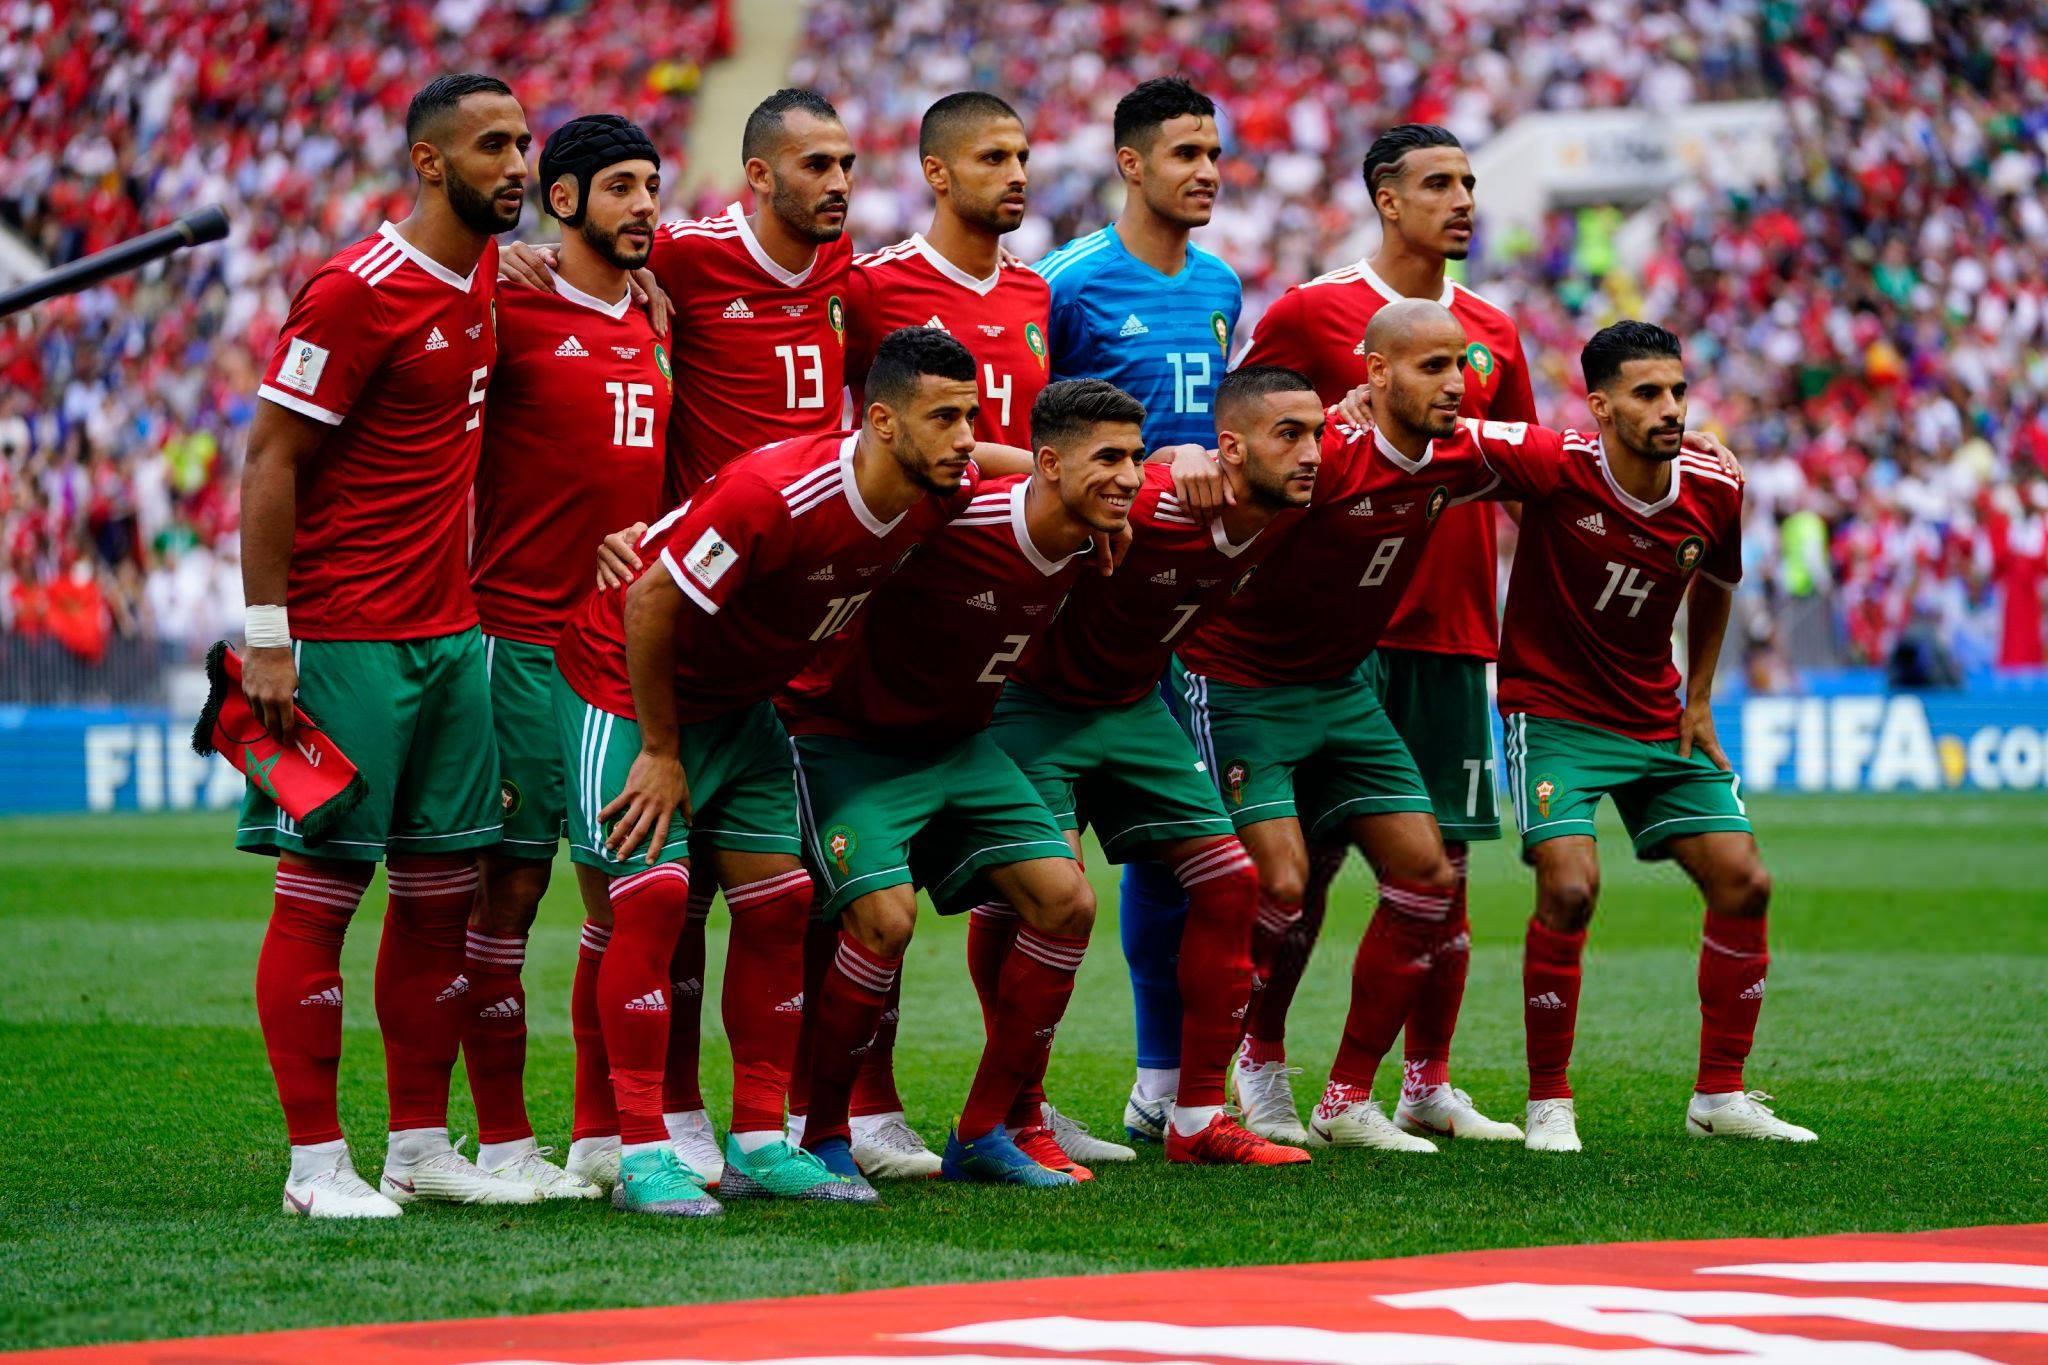 برﻧﺎﻣﺞ مباريات المنتخب المغربي في إقصاﺋﻴﺎﺕ ﻛﺄﺱ ﺇﻓﺮﻳﻘﻴﺎ 2019